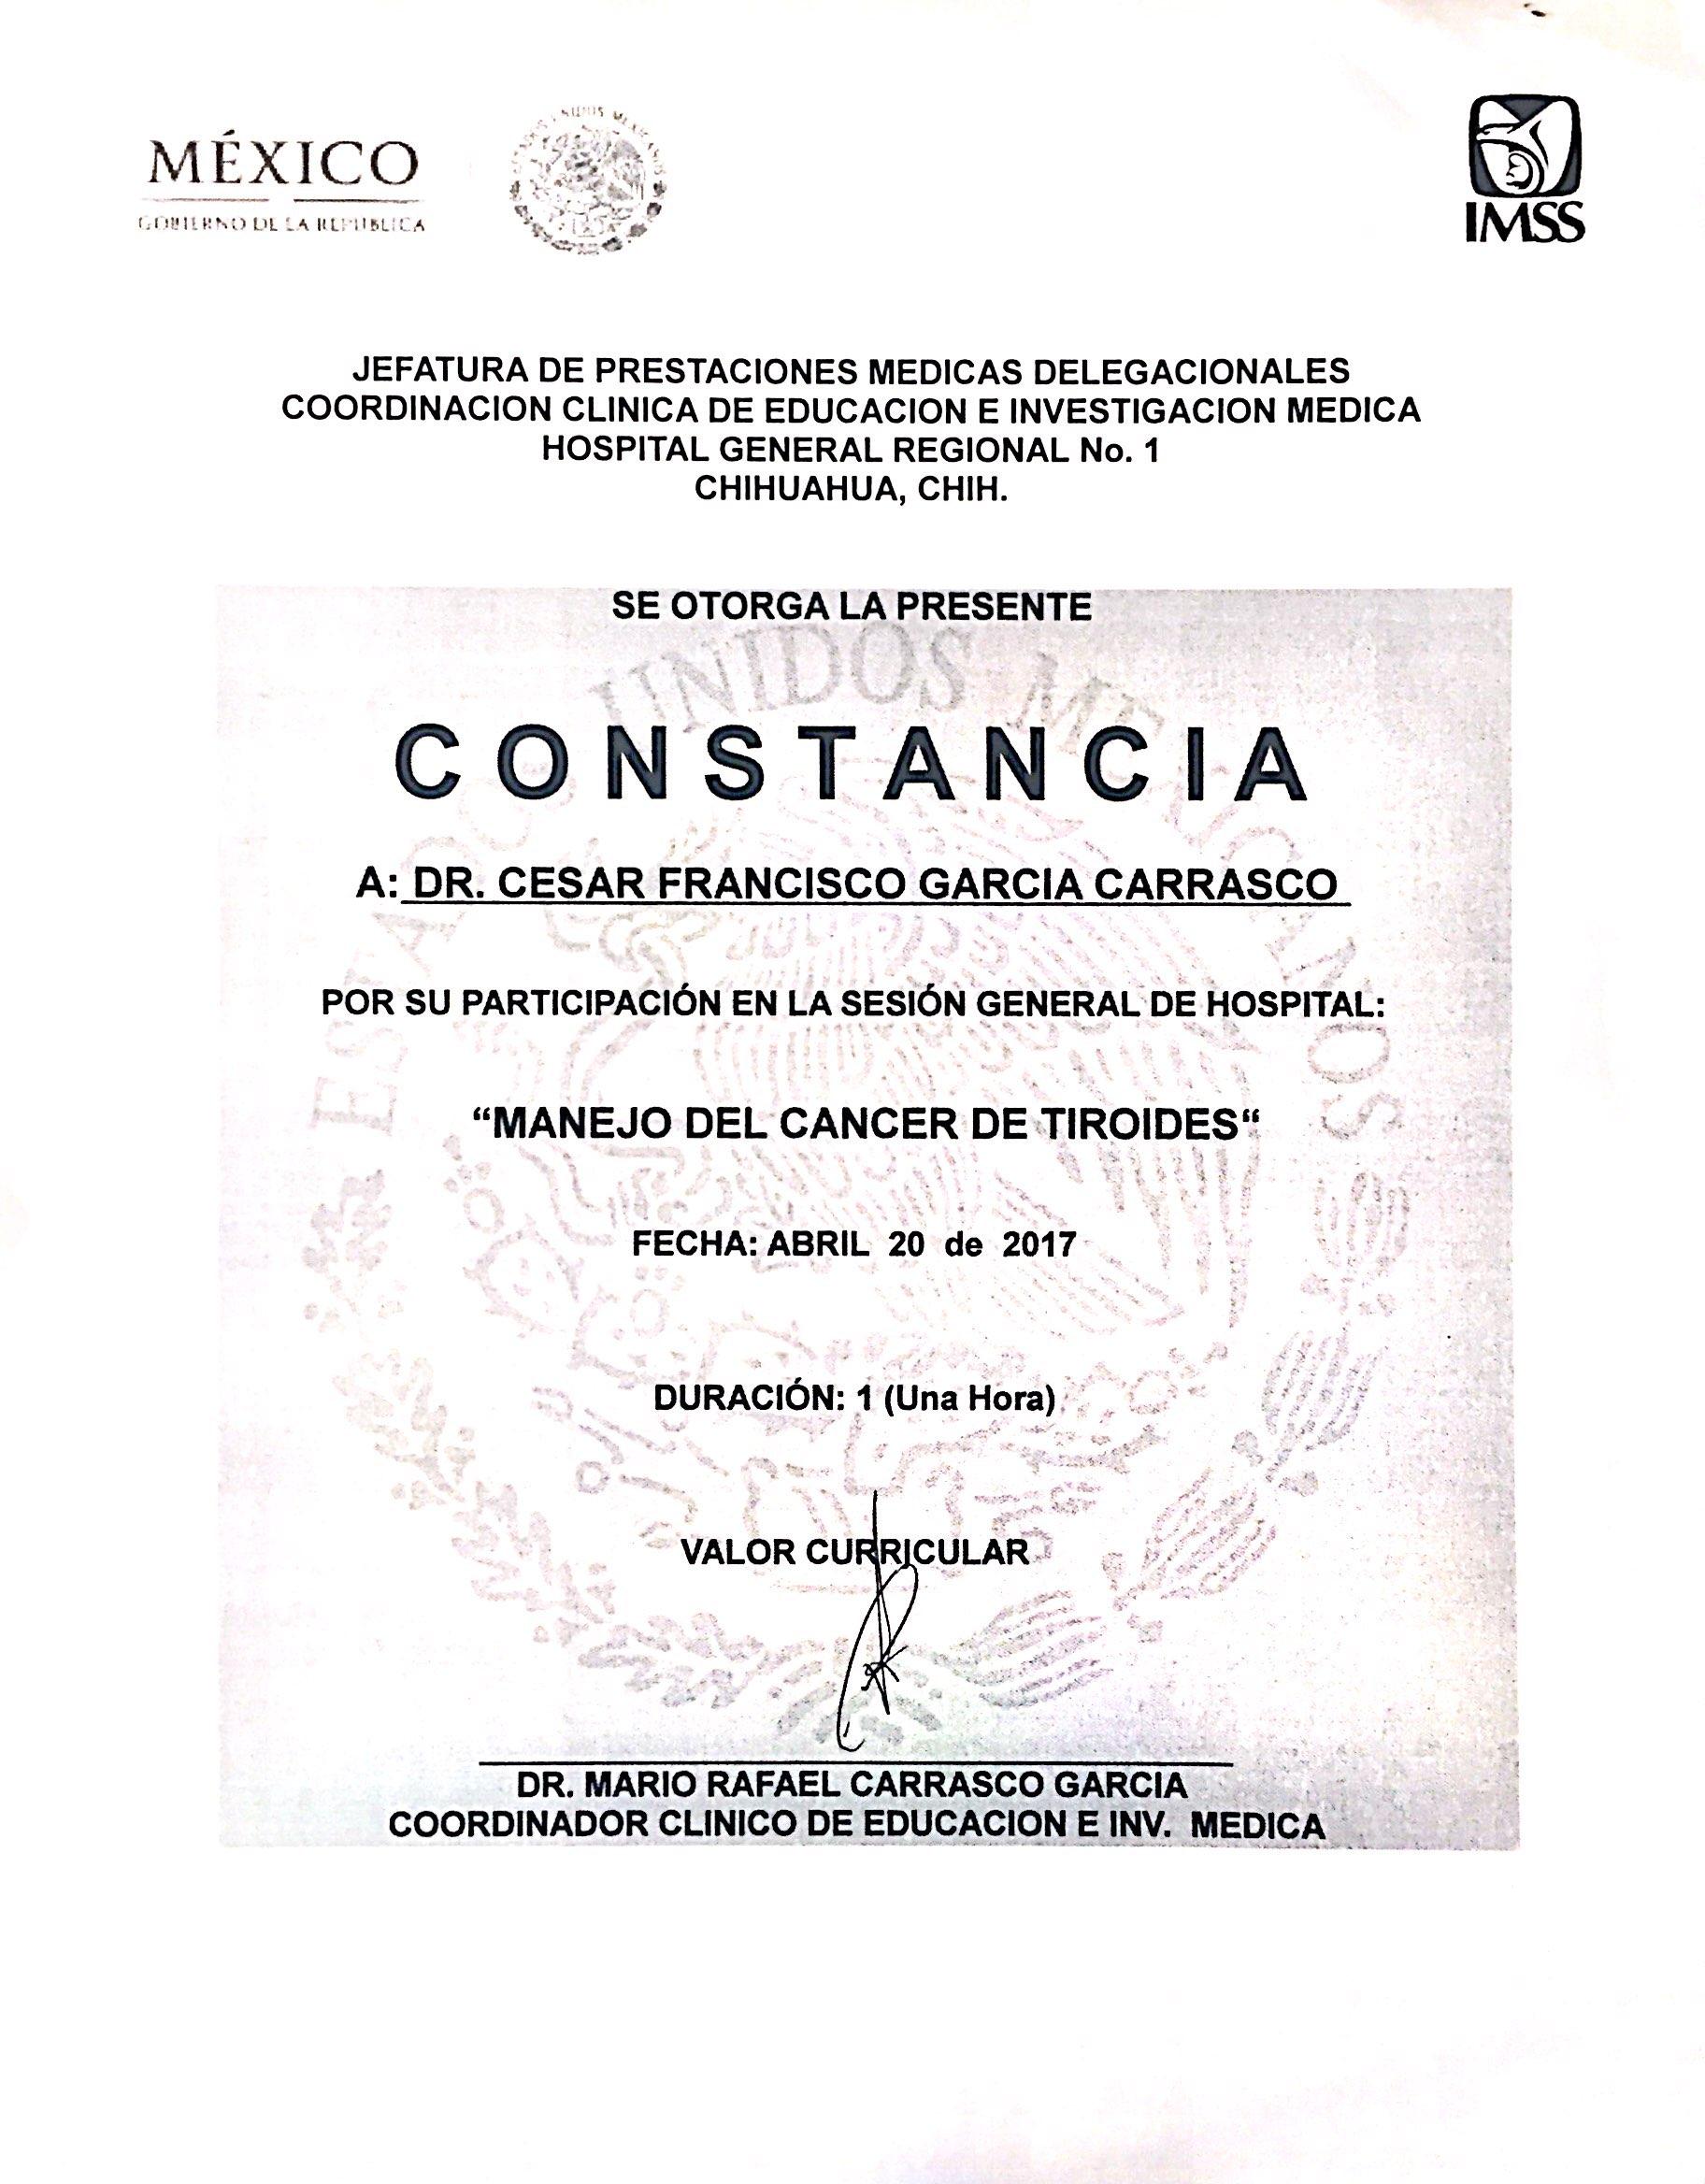 Dr. Garcia Carrazco_31